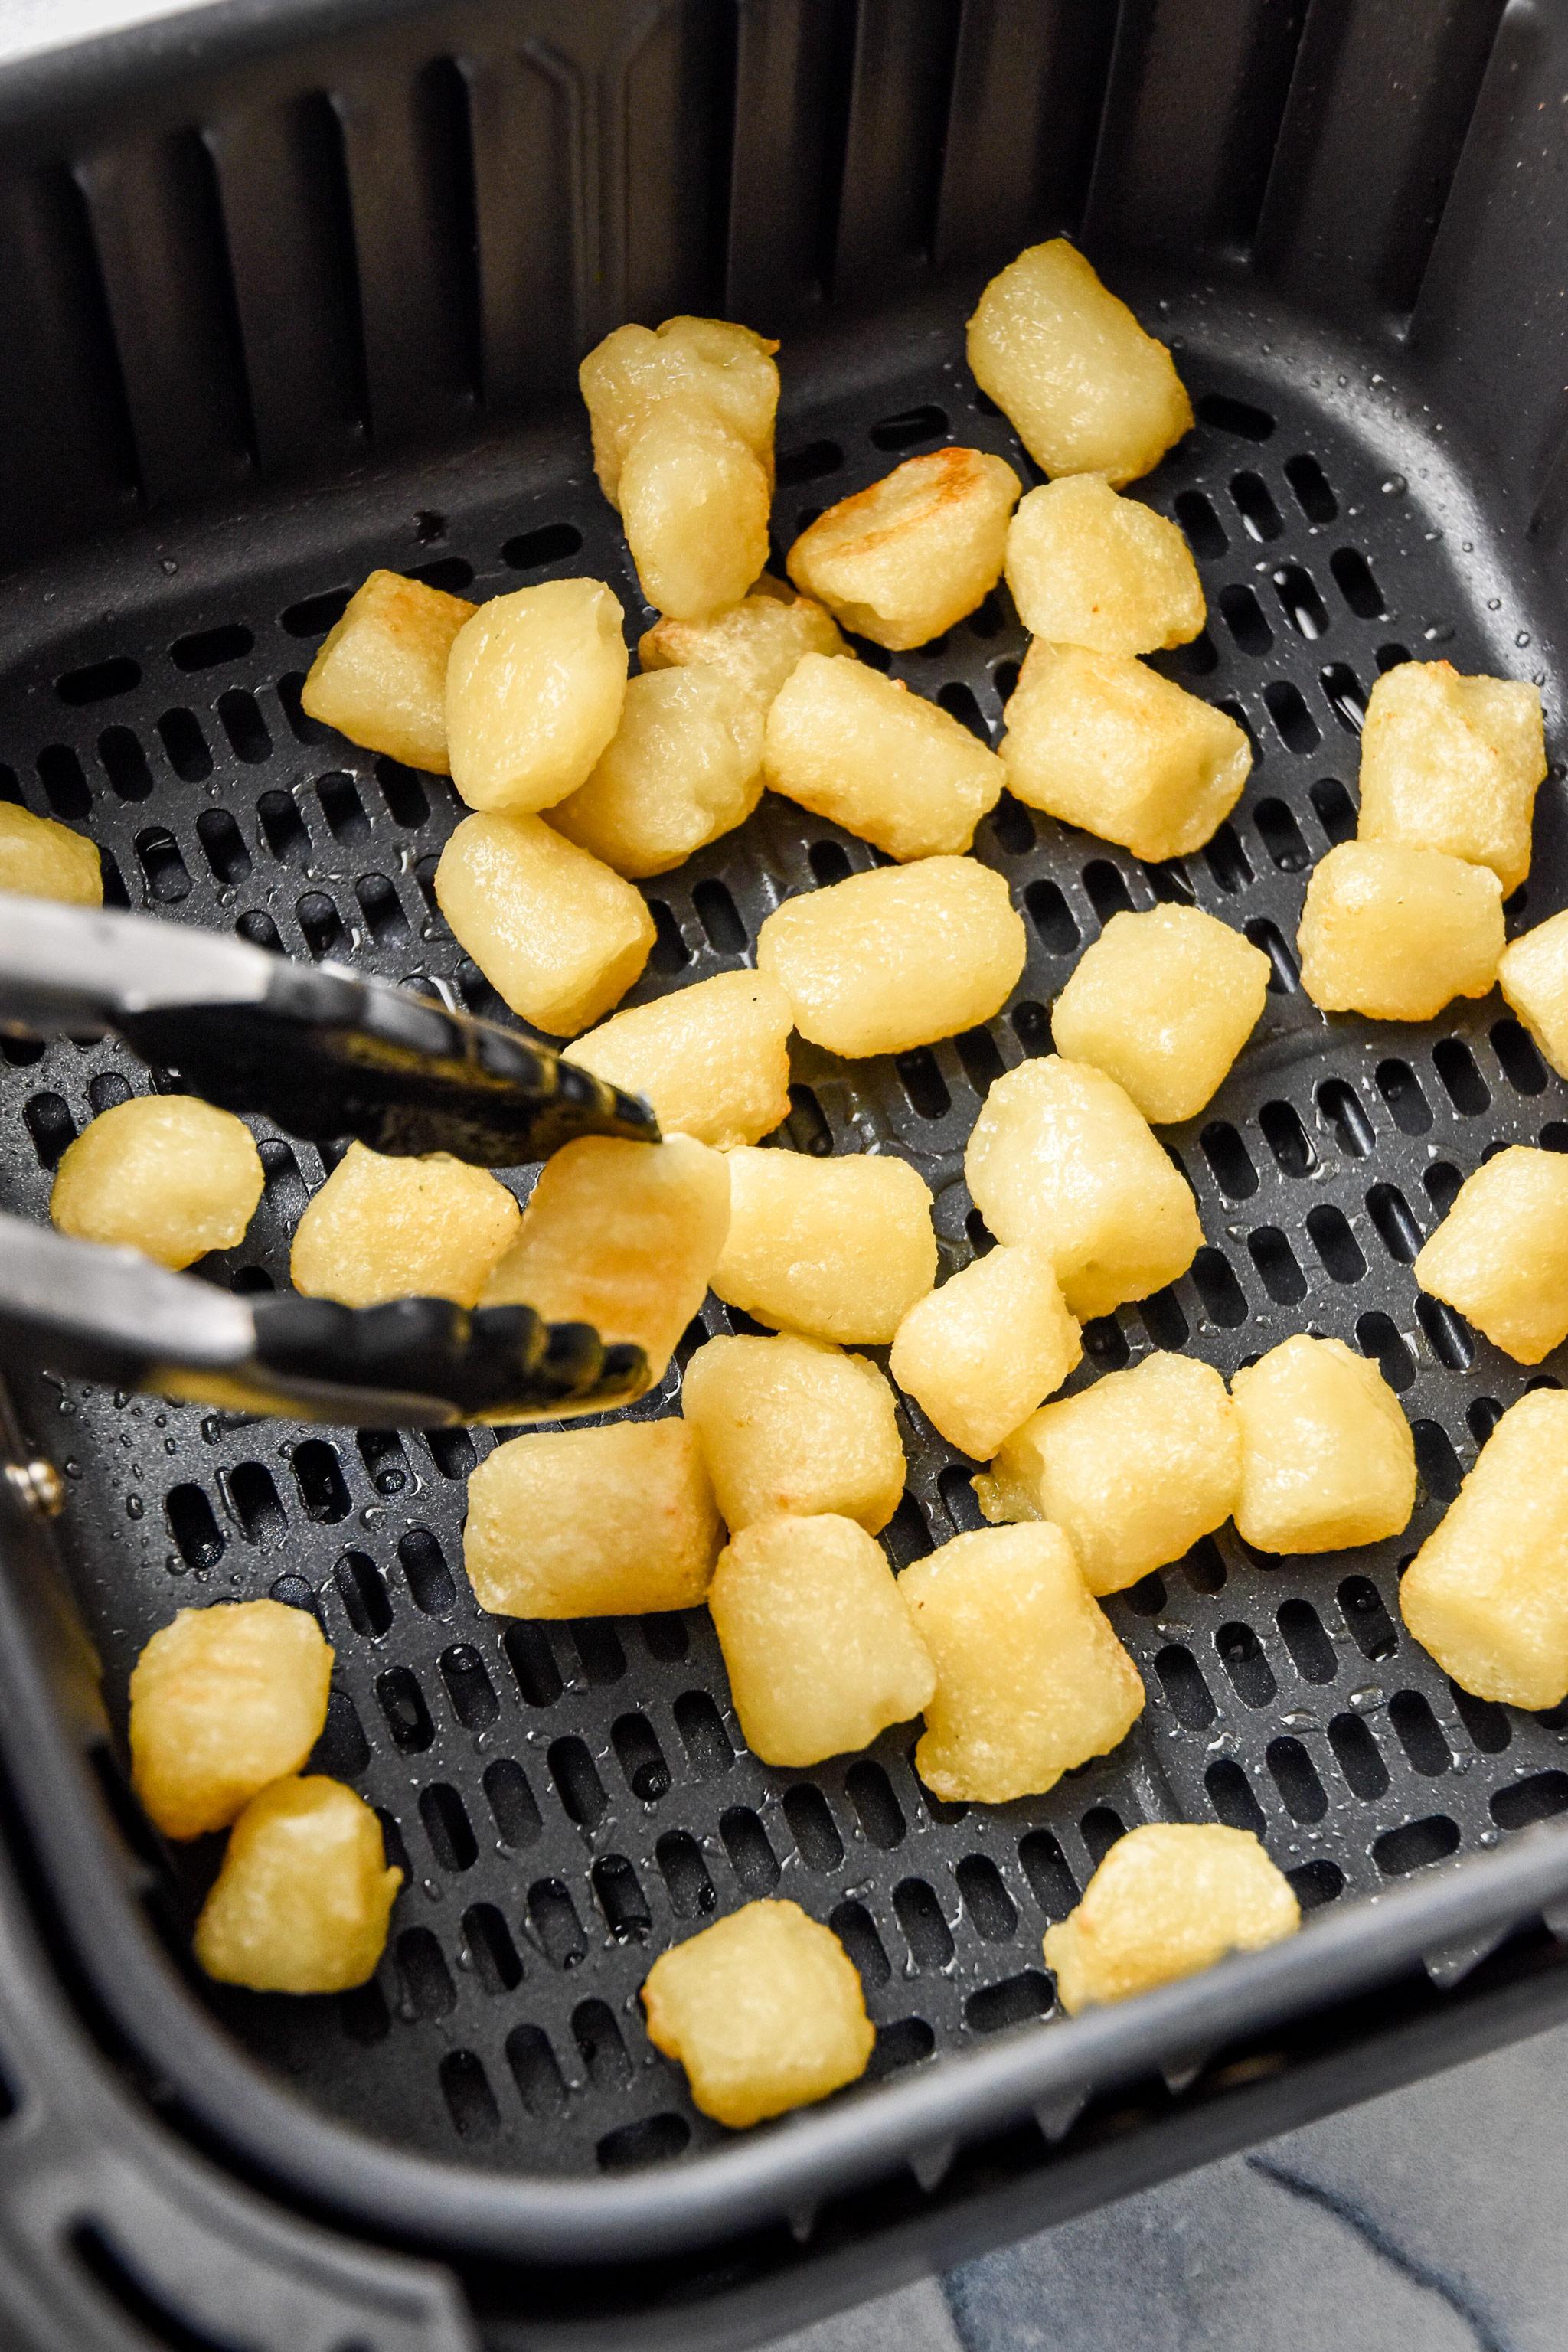 making cauliflower gnocchi in an air fryer